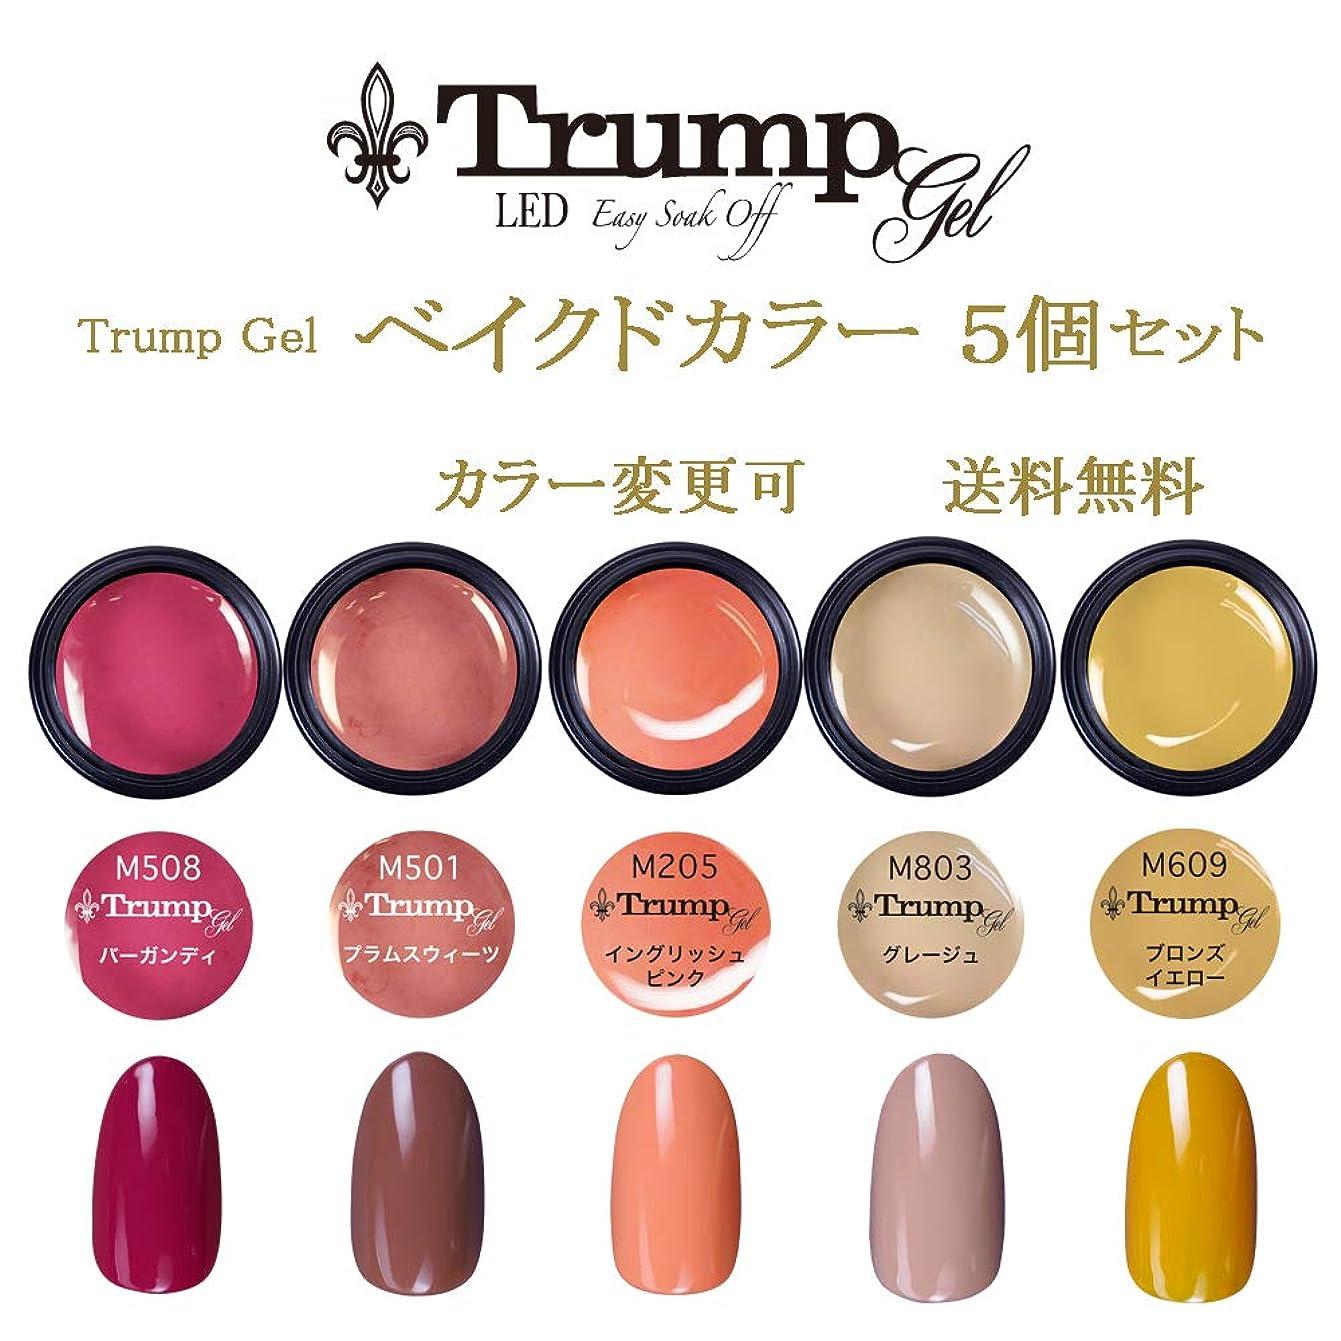 幻影屋内でライラック【送料無料】日本製 Trump gel トランプジェル ベイクドカラー 選べる カラージェル 5個セット ミルキーネイル ベージュ オレンジ カラー